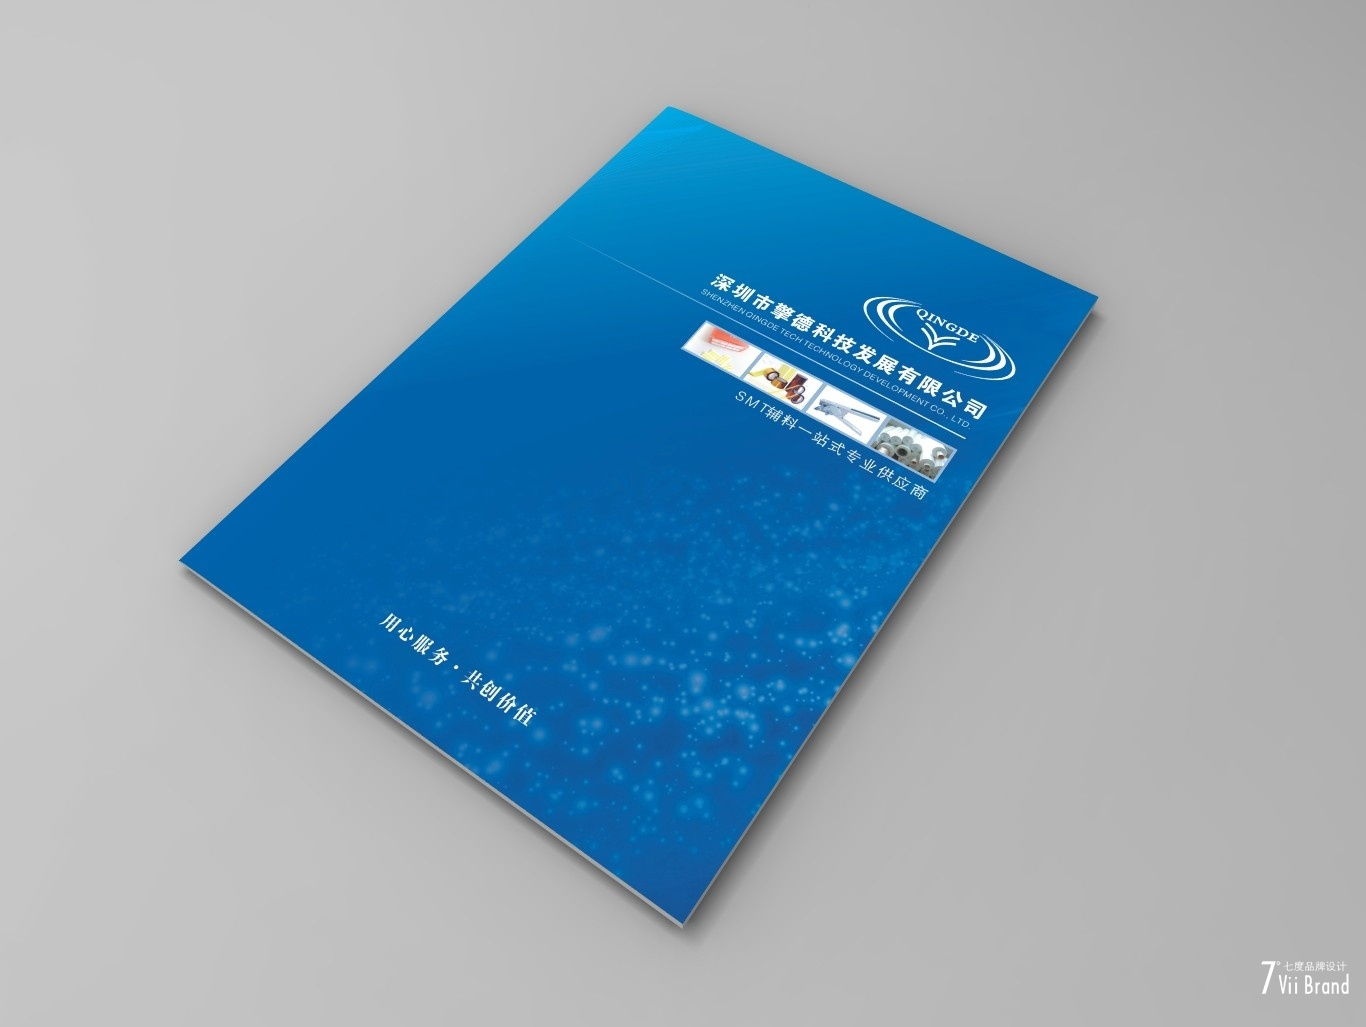 210x285mm-books-3-2